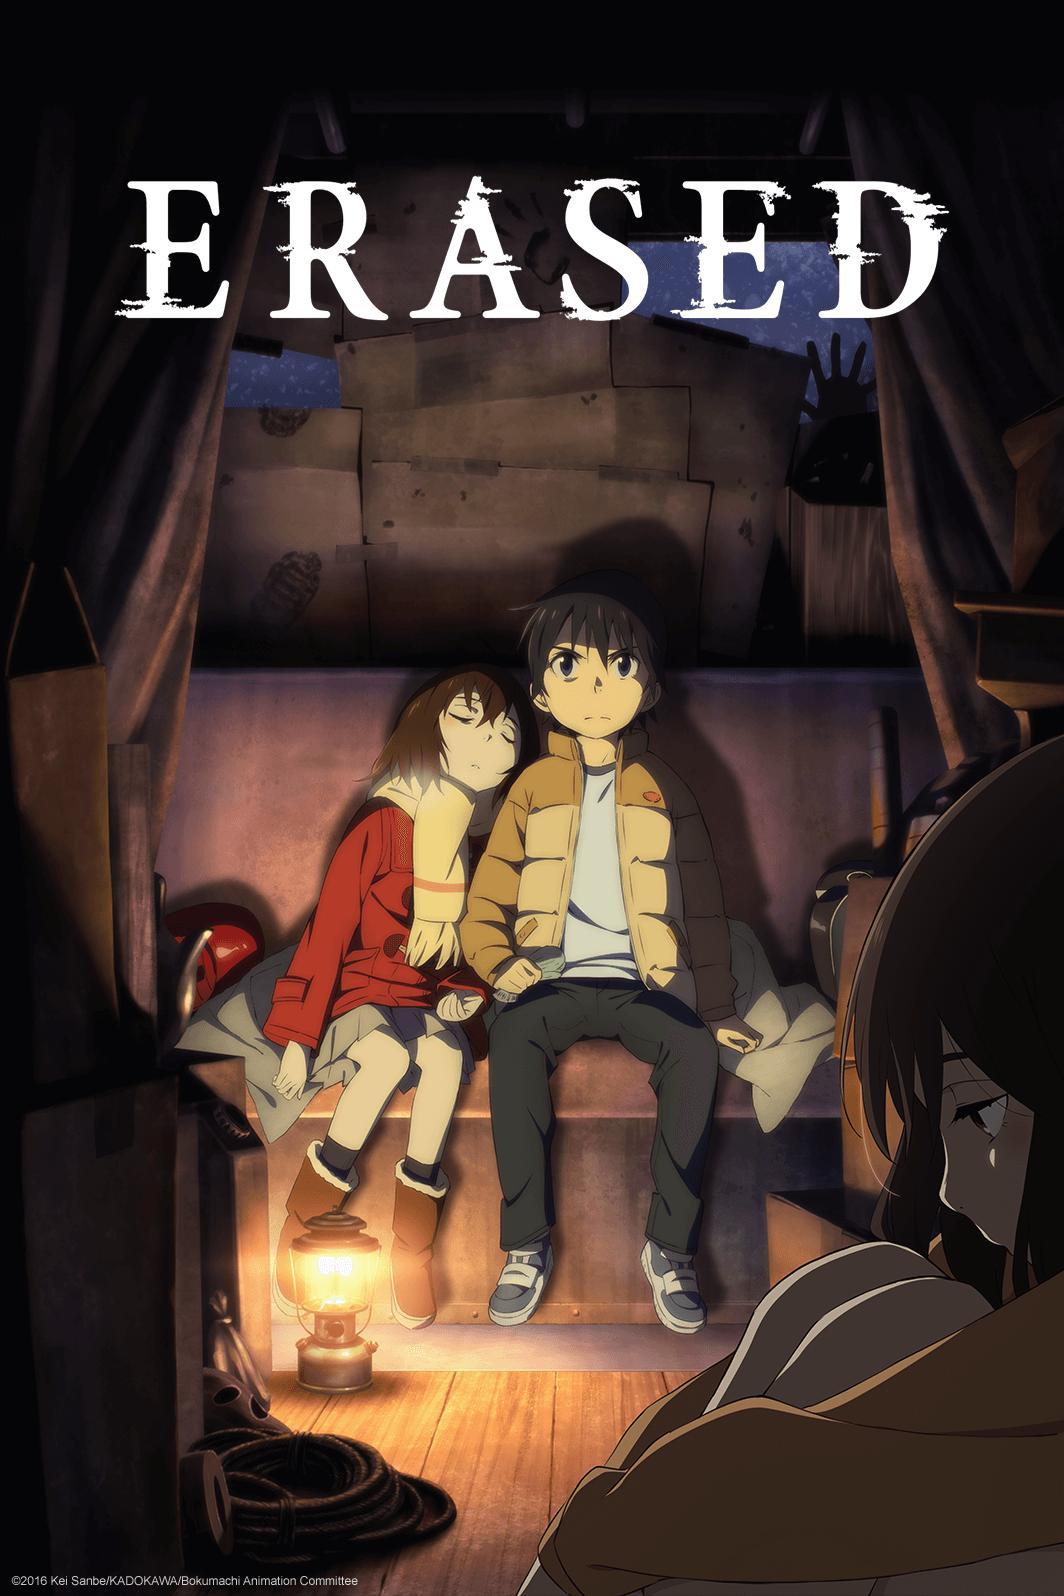 ERASED - Watch on Crunchyroll